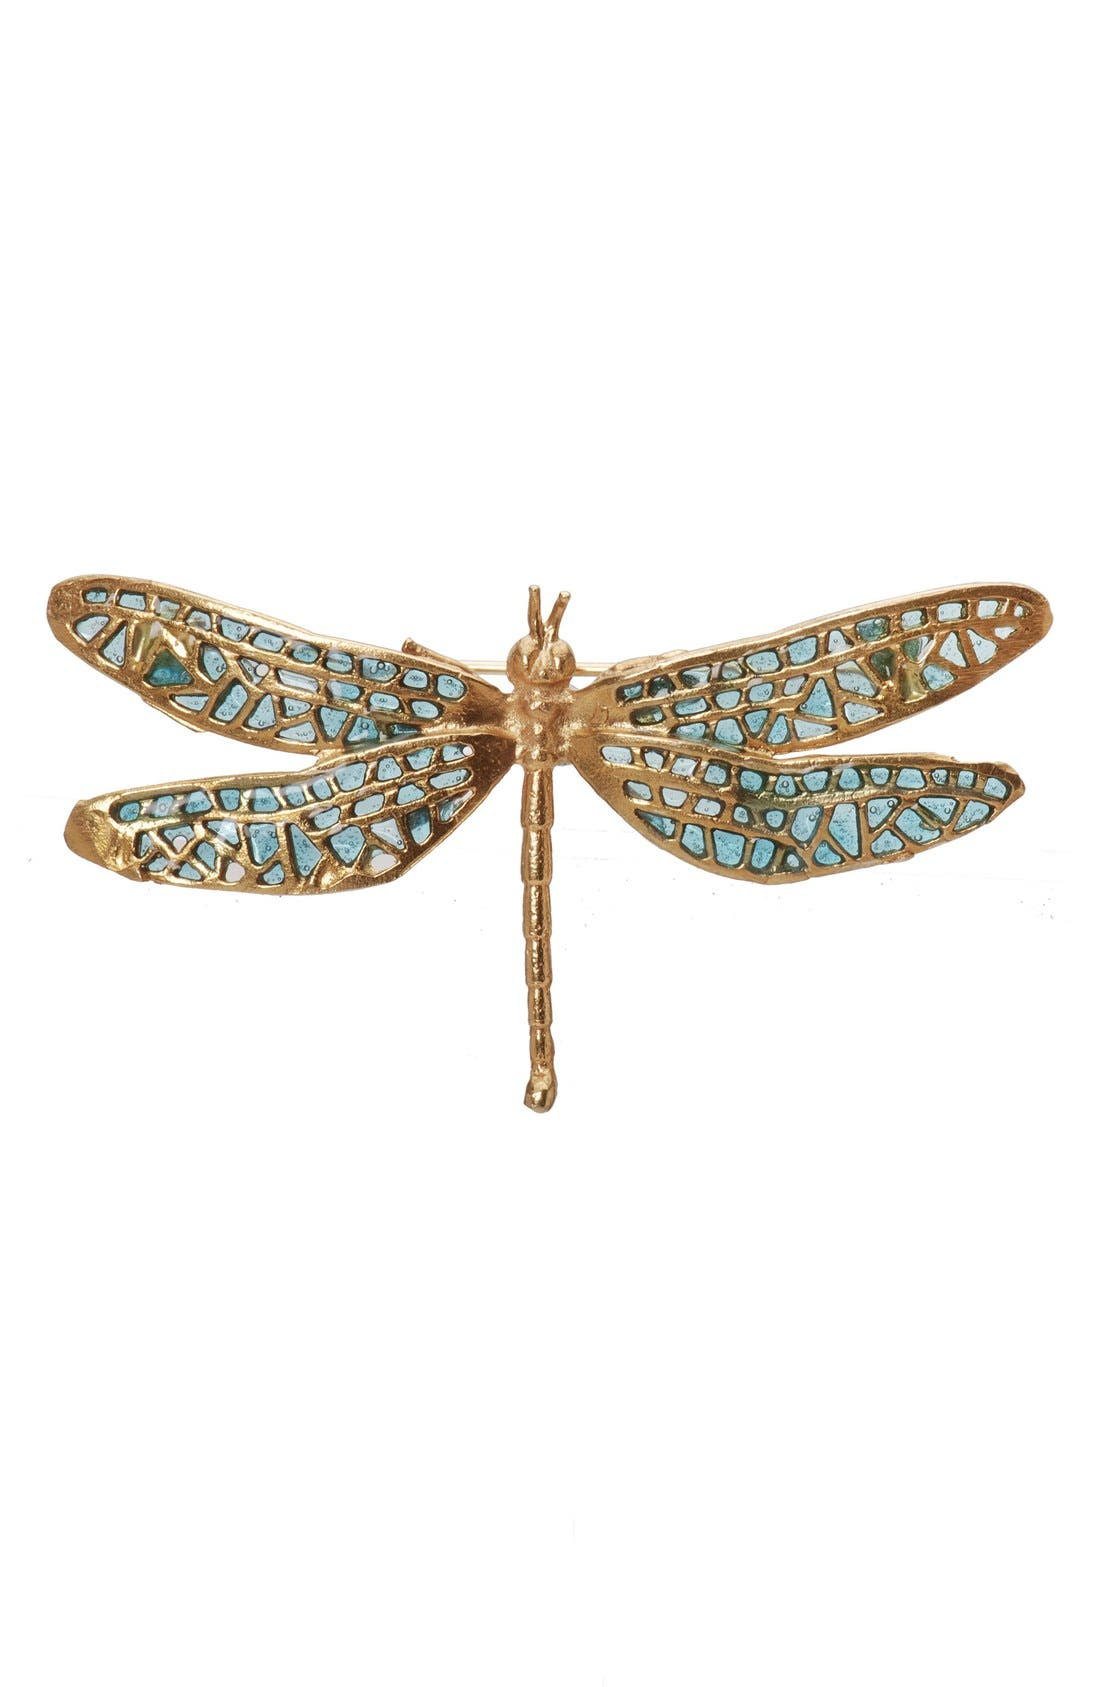 L. Erickson 'Damsel Fly' Brooch